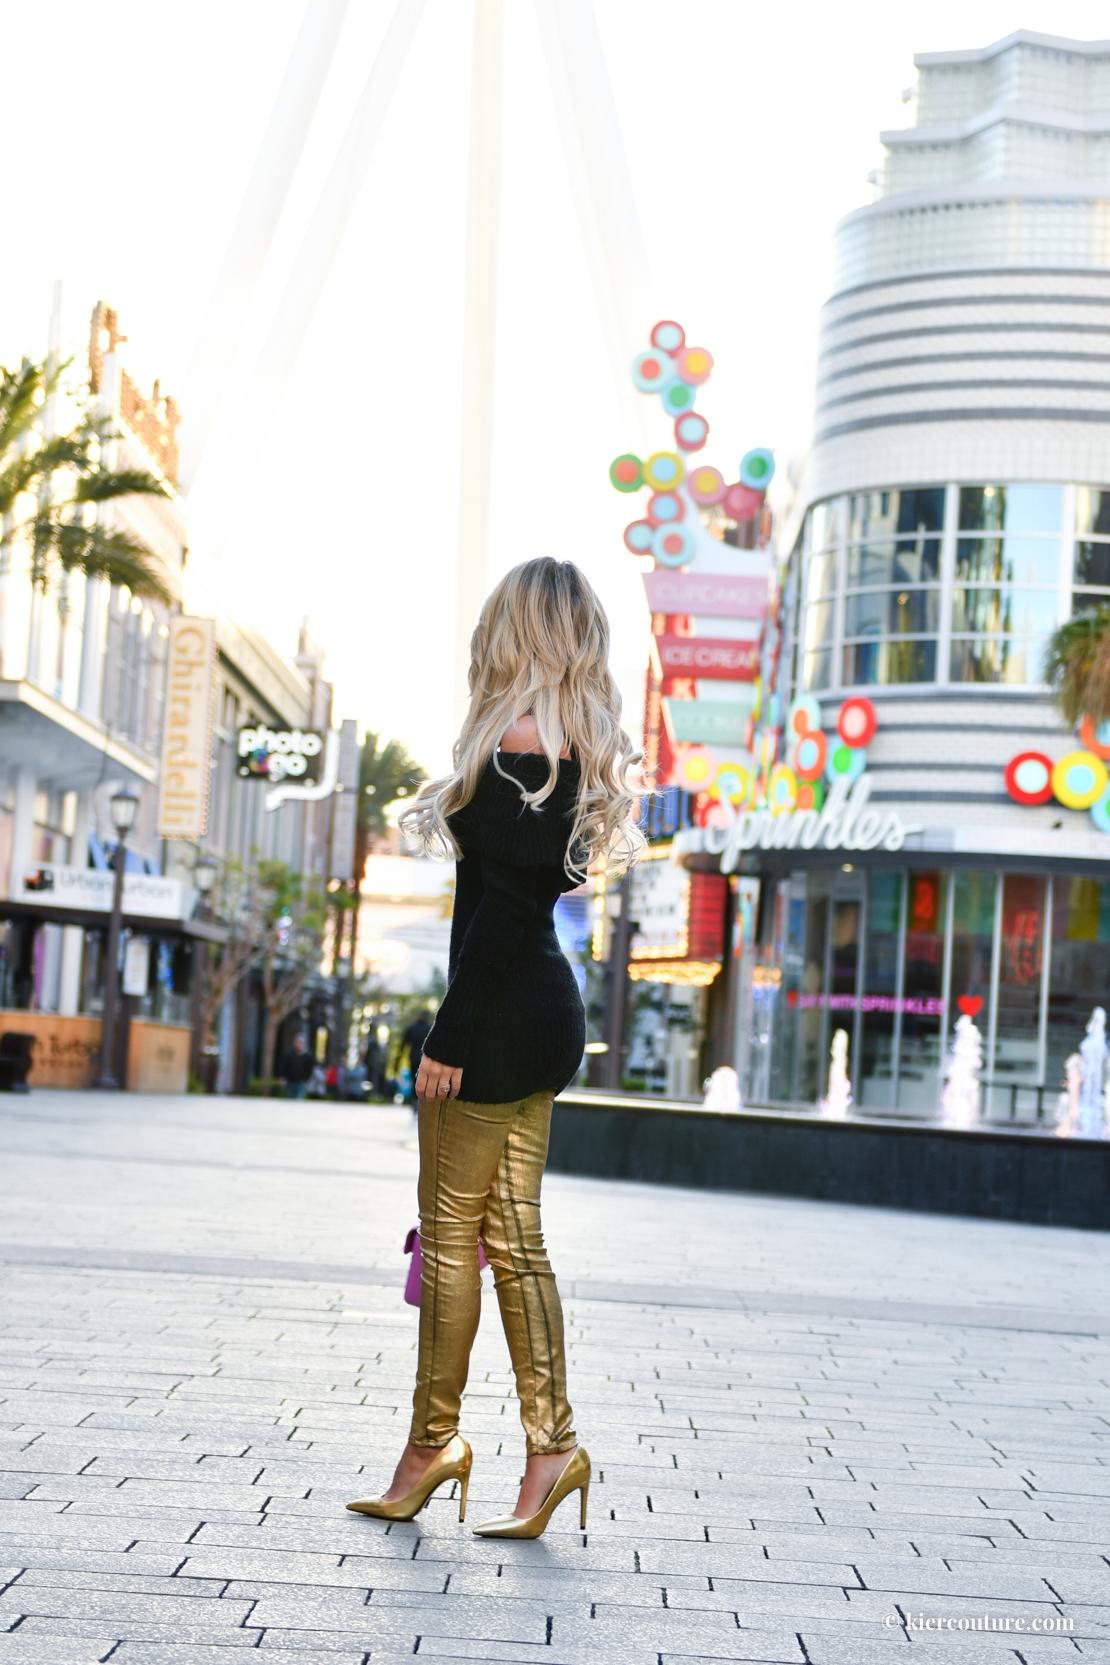 Linq promenade in Las Vegas